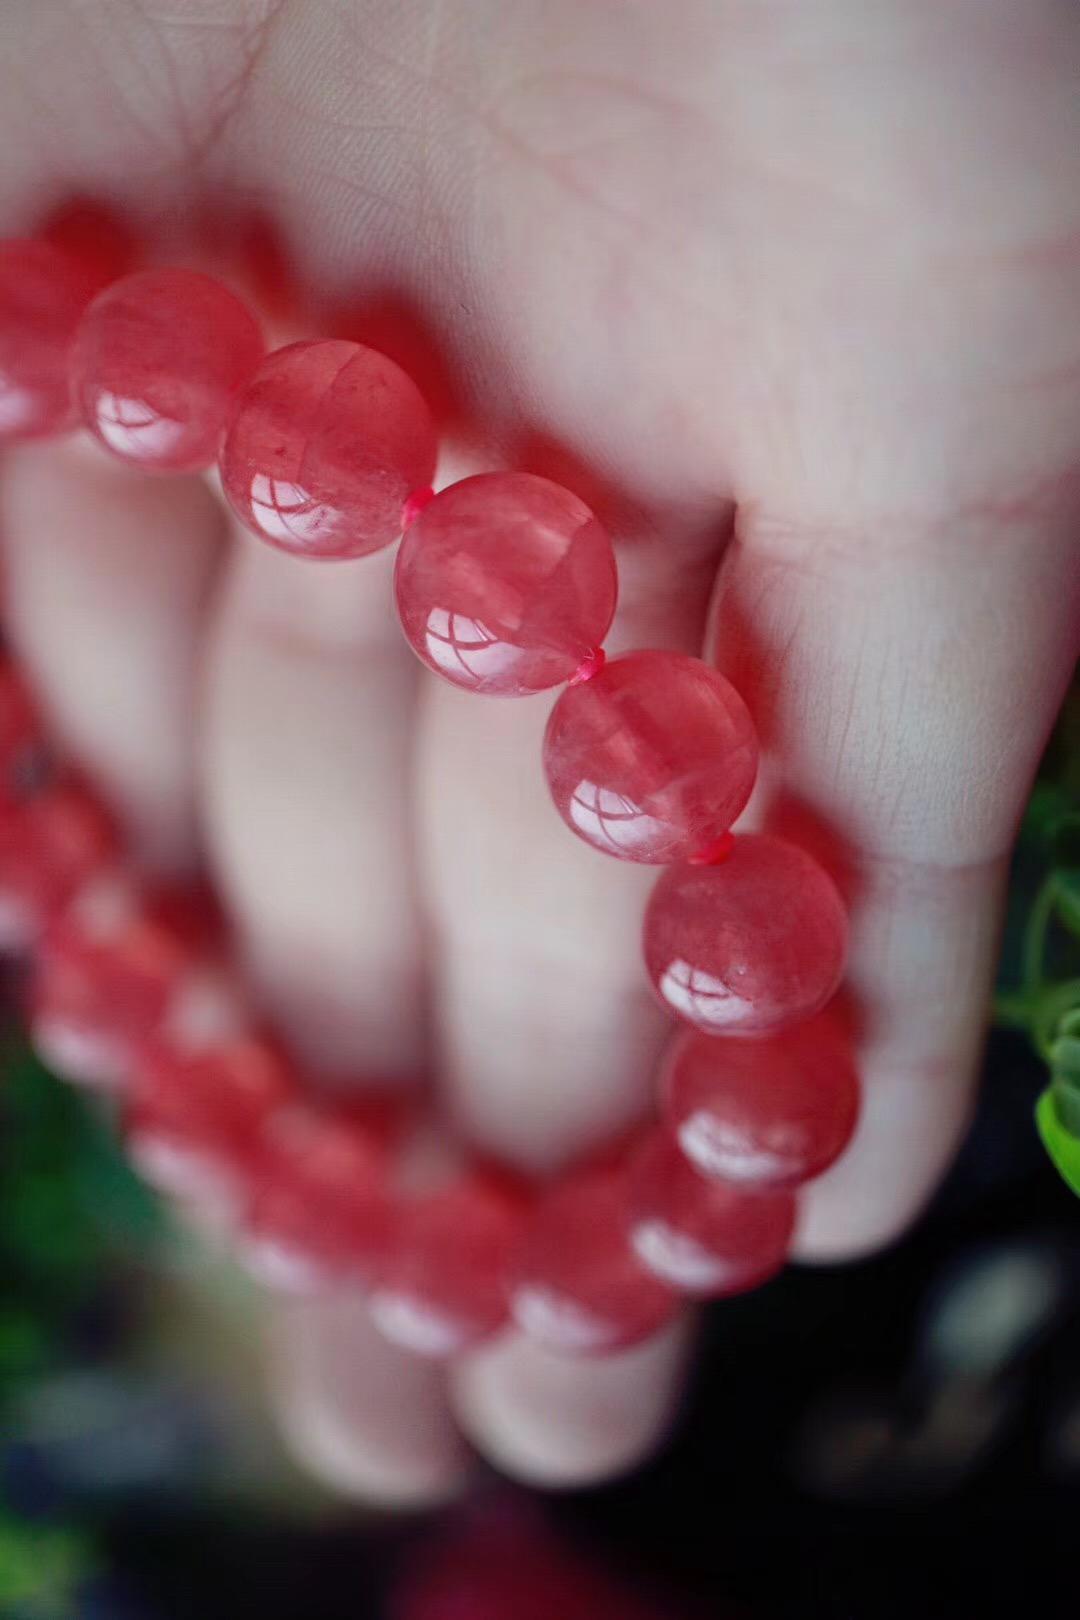 【菩心 - 冰种红纹石】每个女子都应该有一条配得上自己的红纹石-菩心晶舍